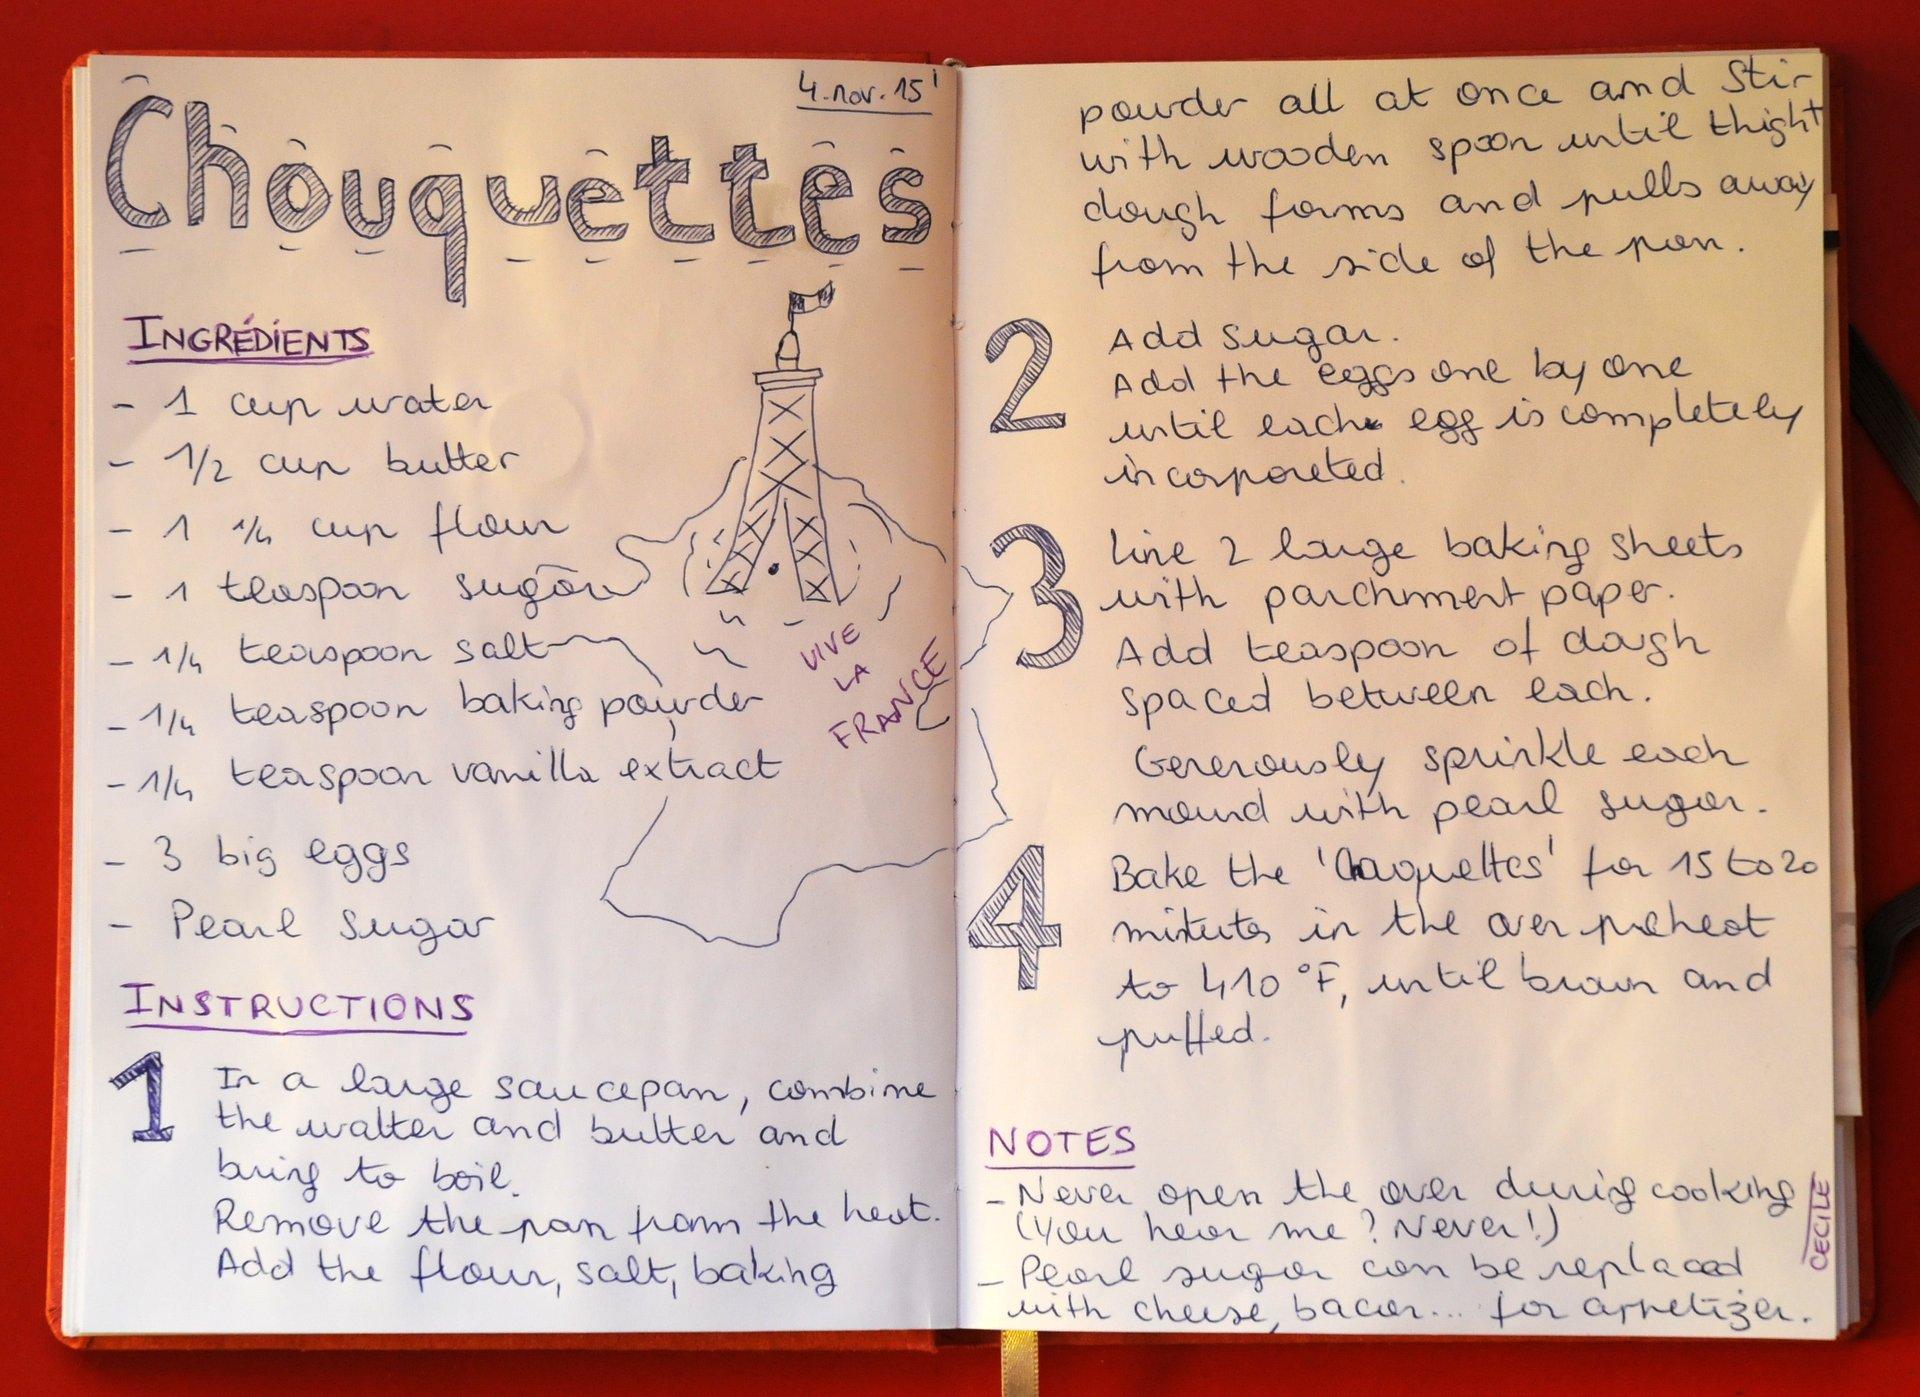 Chouquettes, Recipe #1